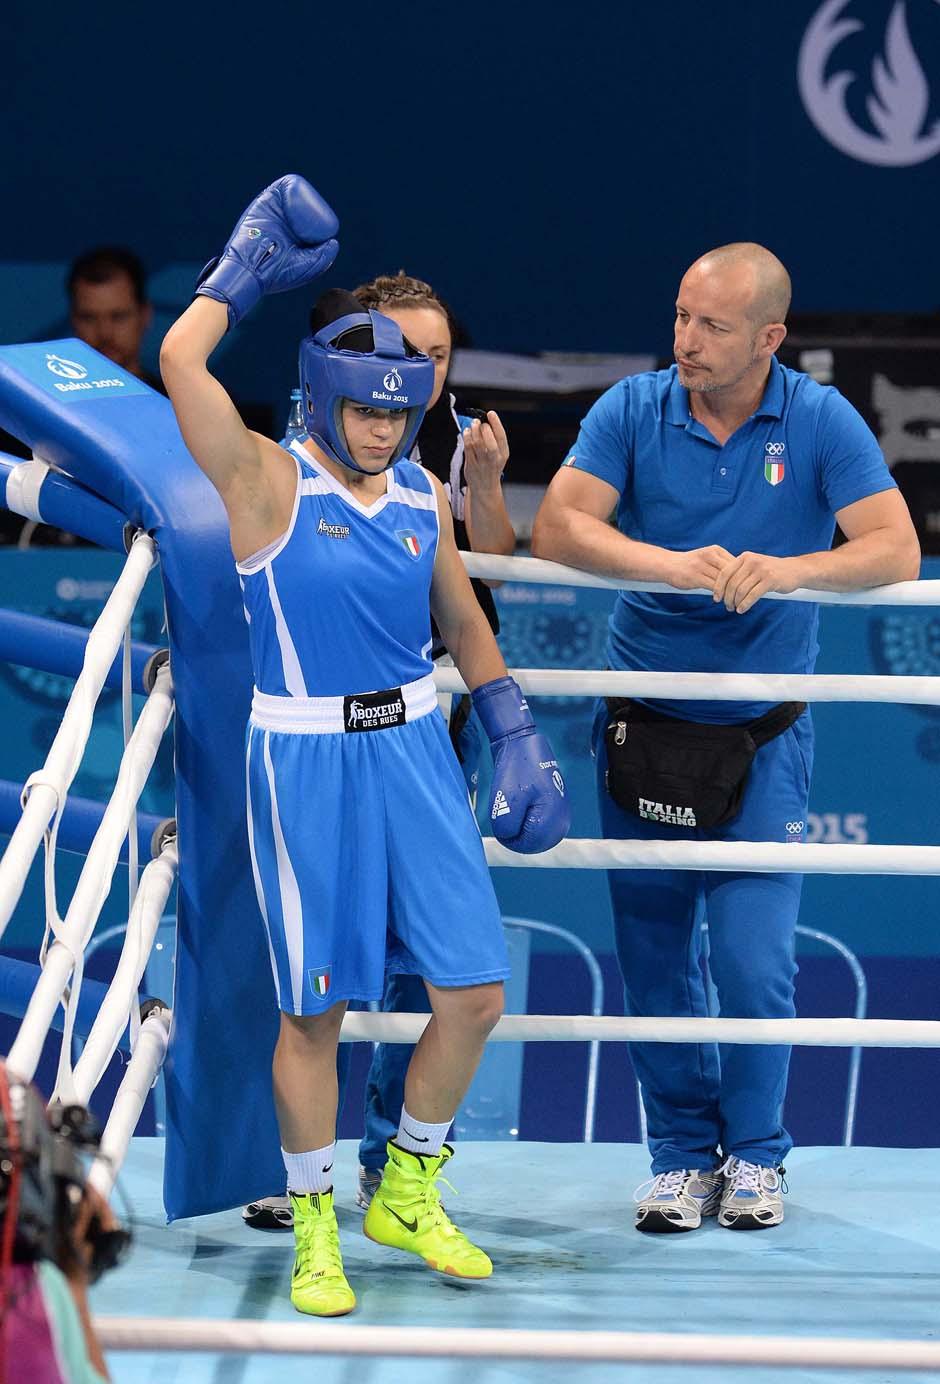 Boxe Alberti vs DEN foto Ferraro GMT 008